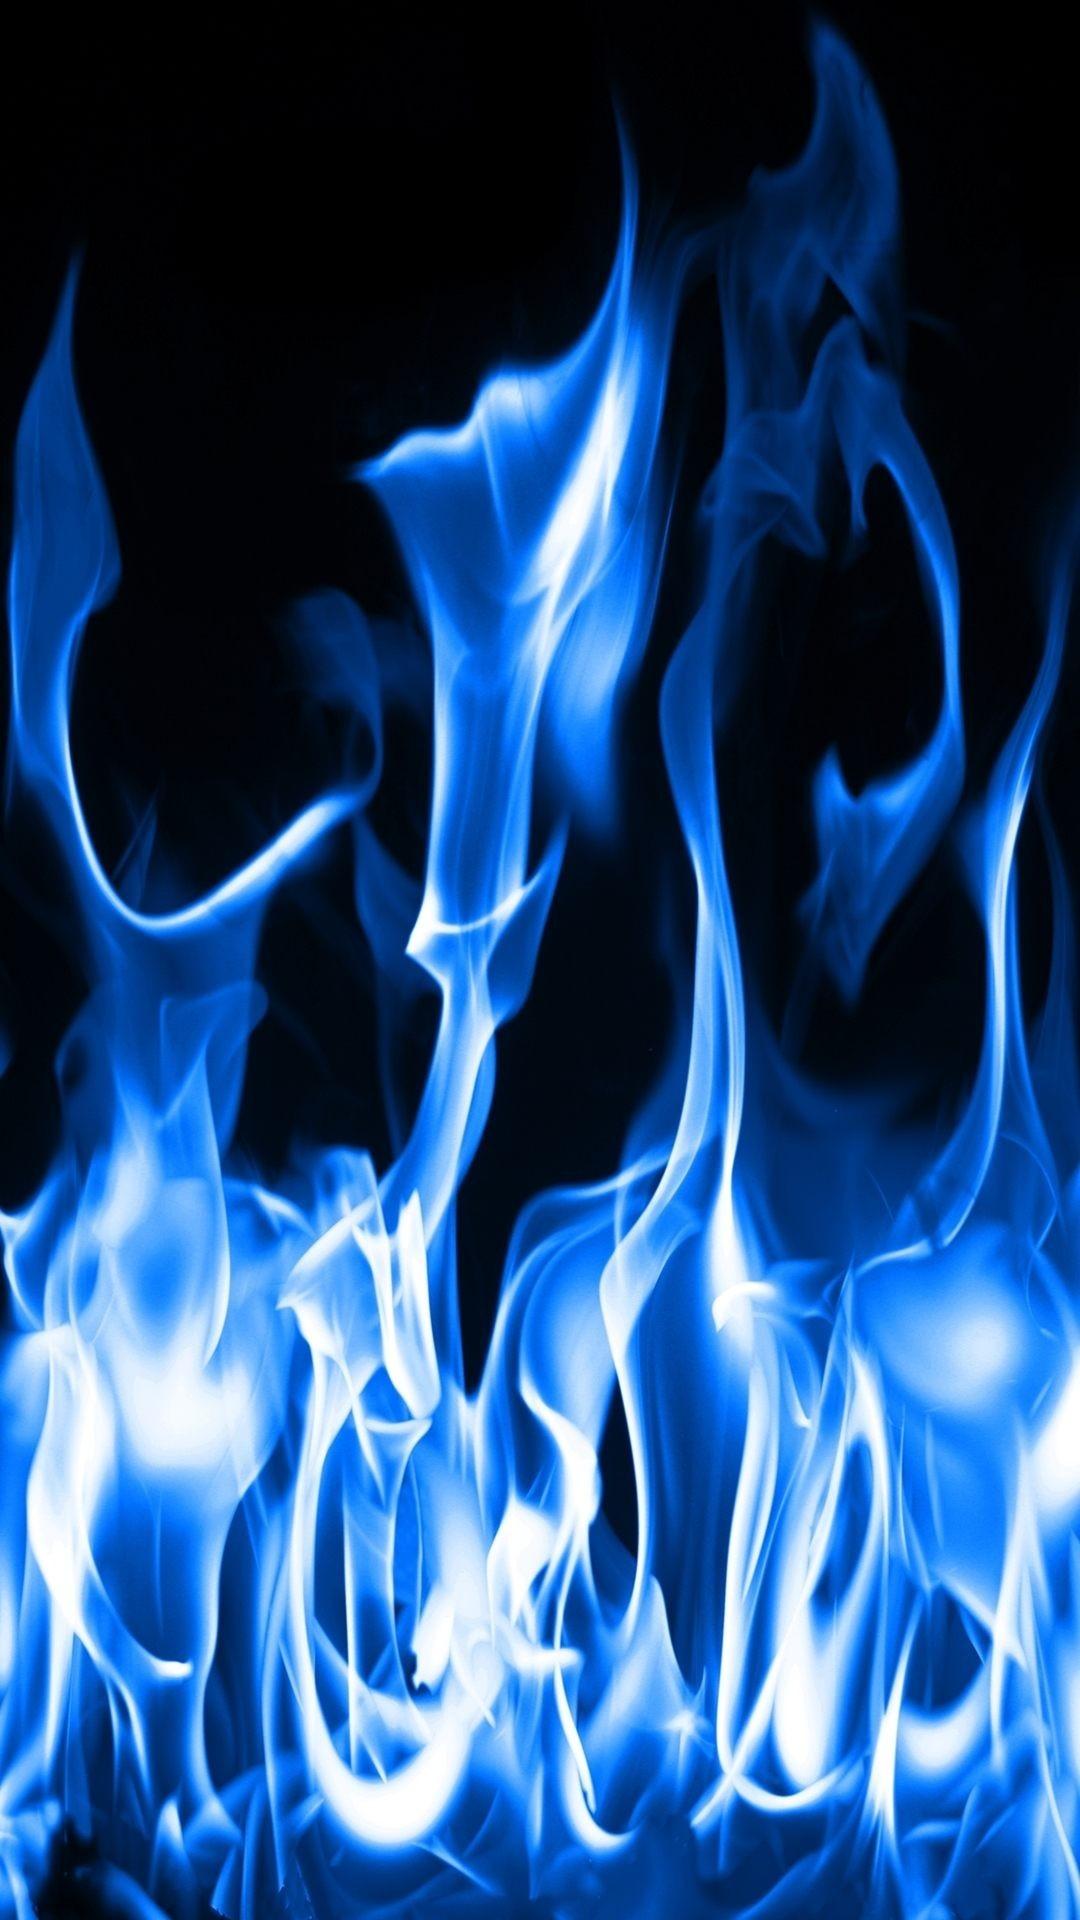 Blue Fire Wallpaper HD (70+ images) Blue Fire A